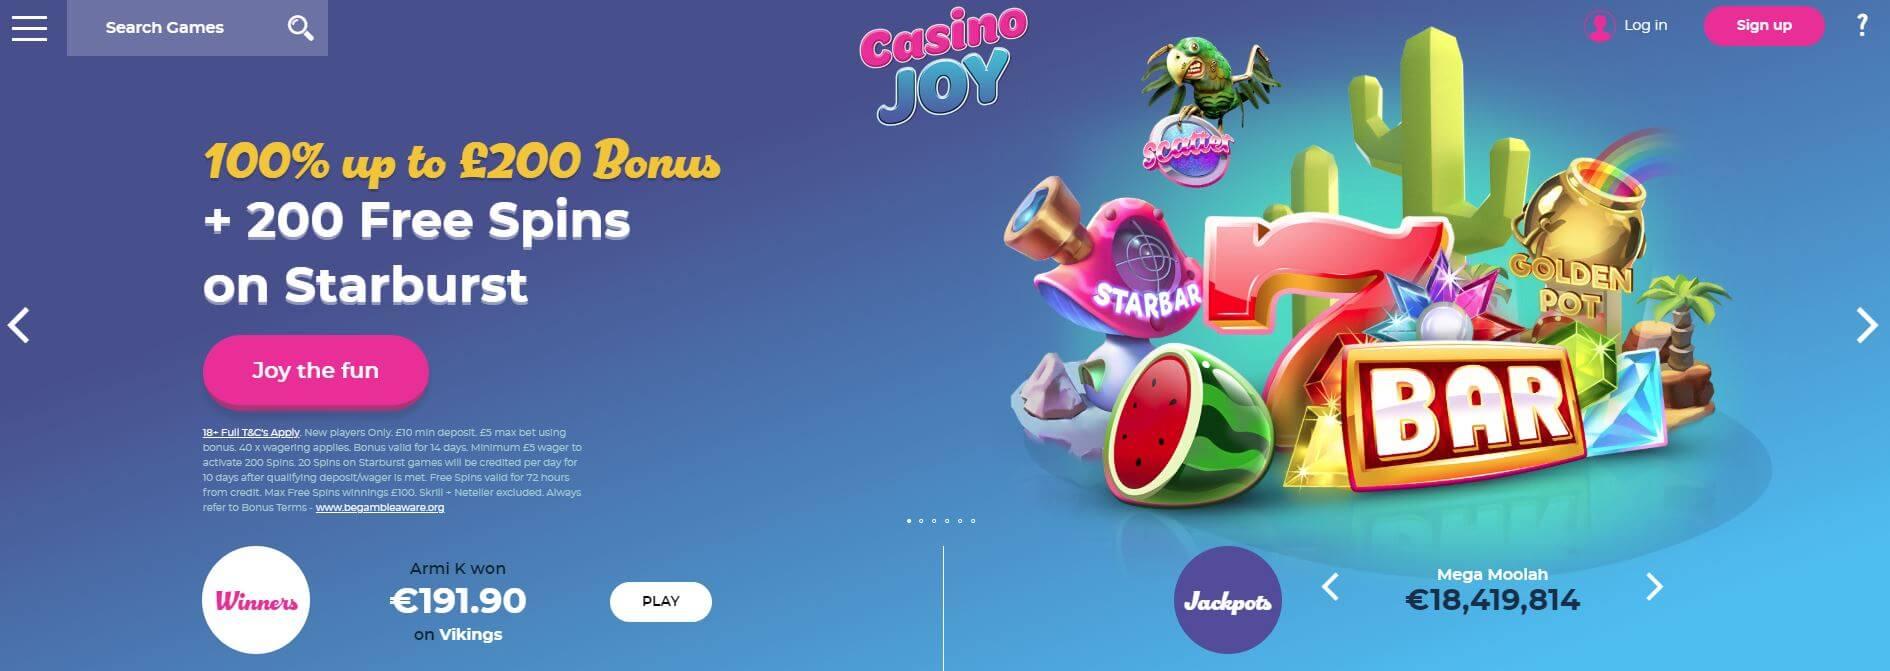 Casino Joy Homepage